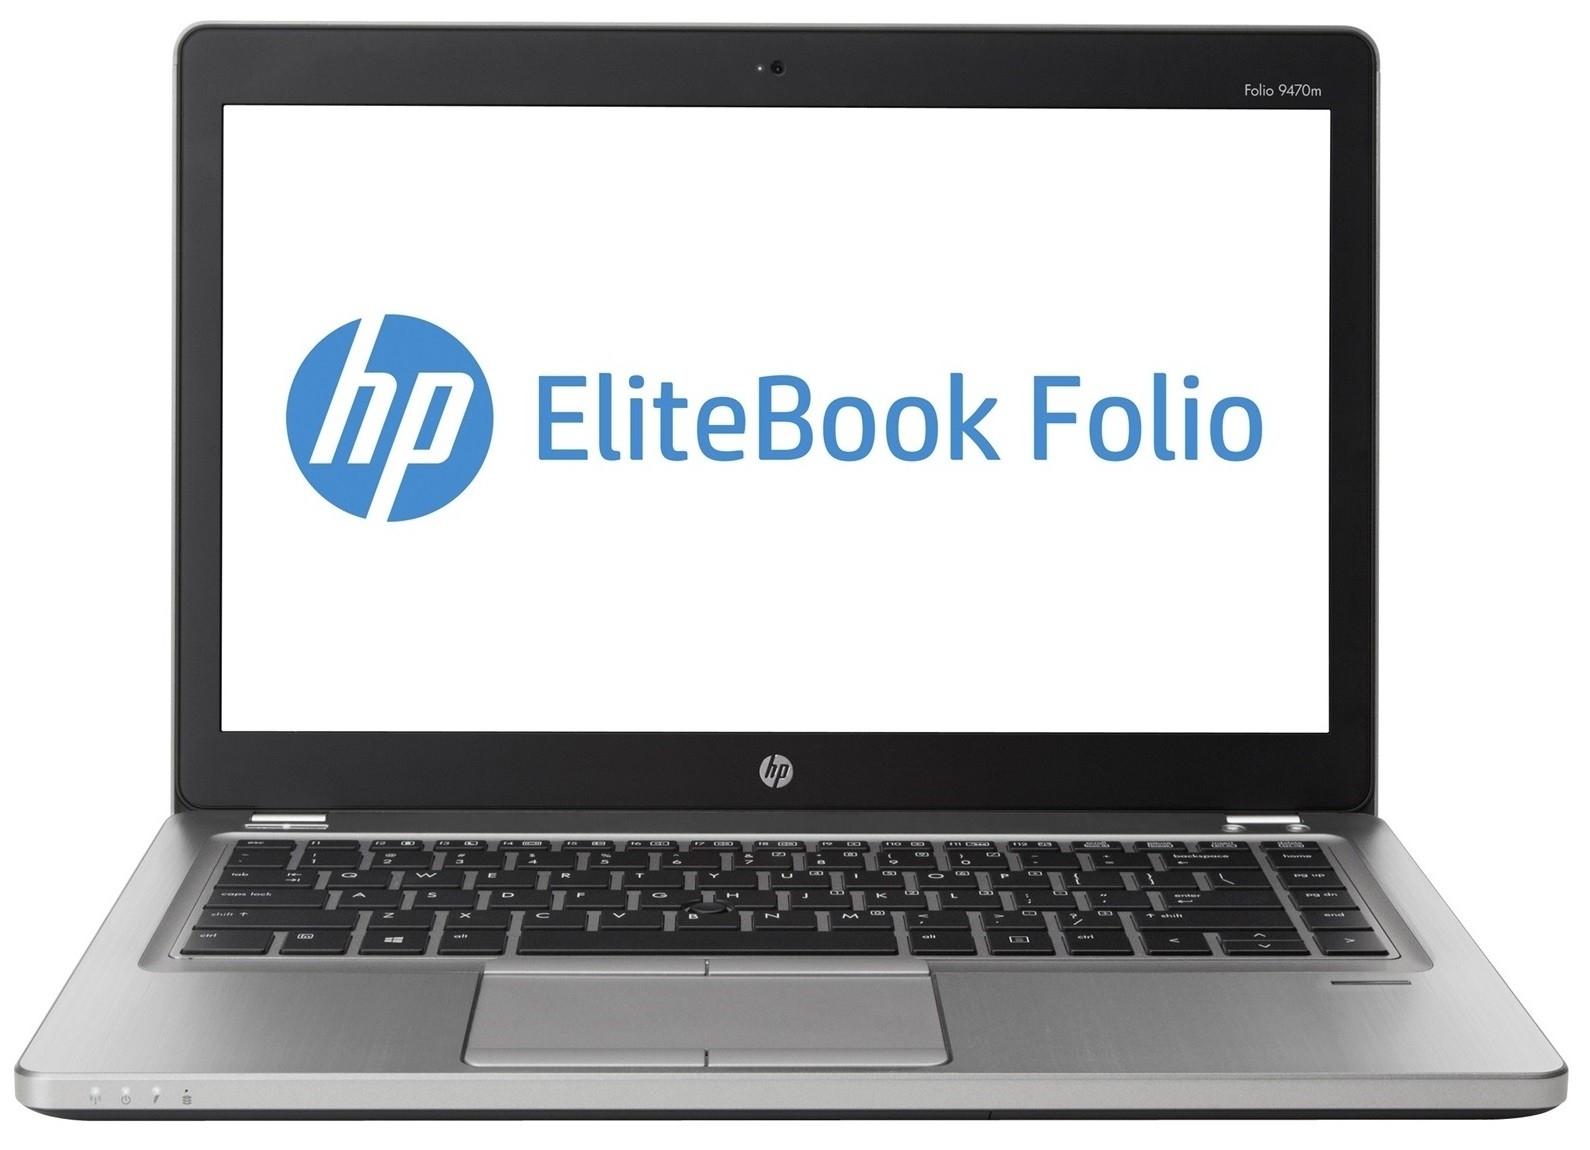 HP Elitebook 9480M Folio